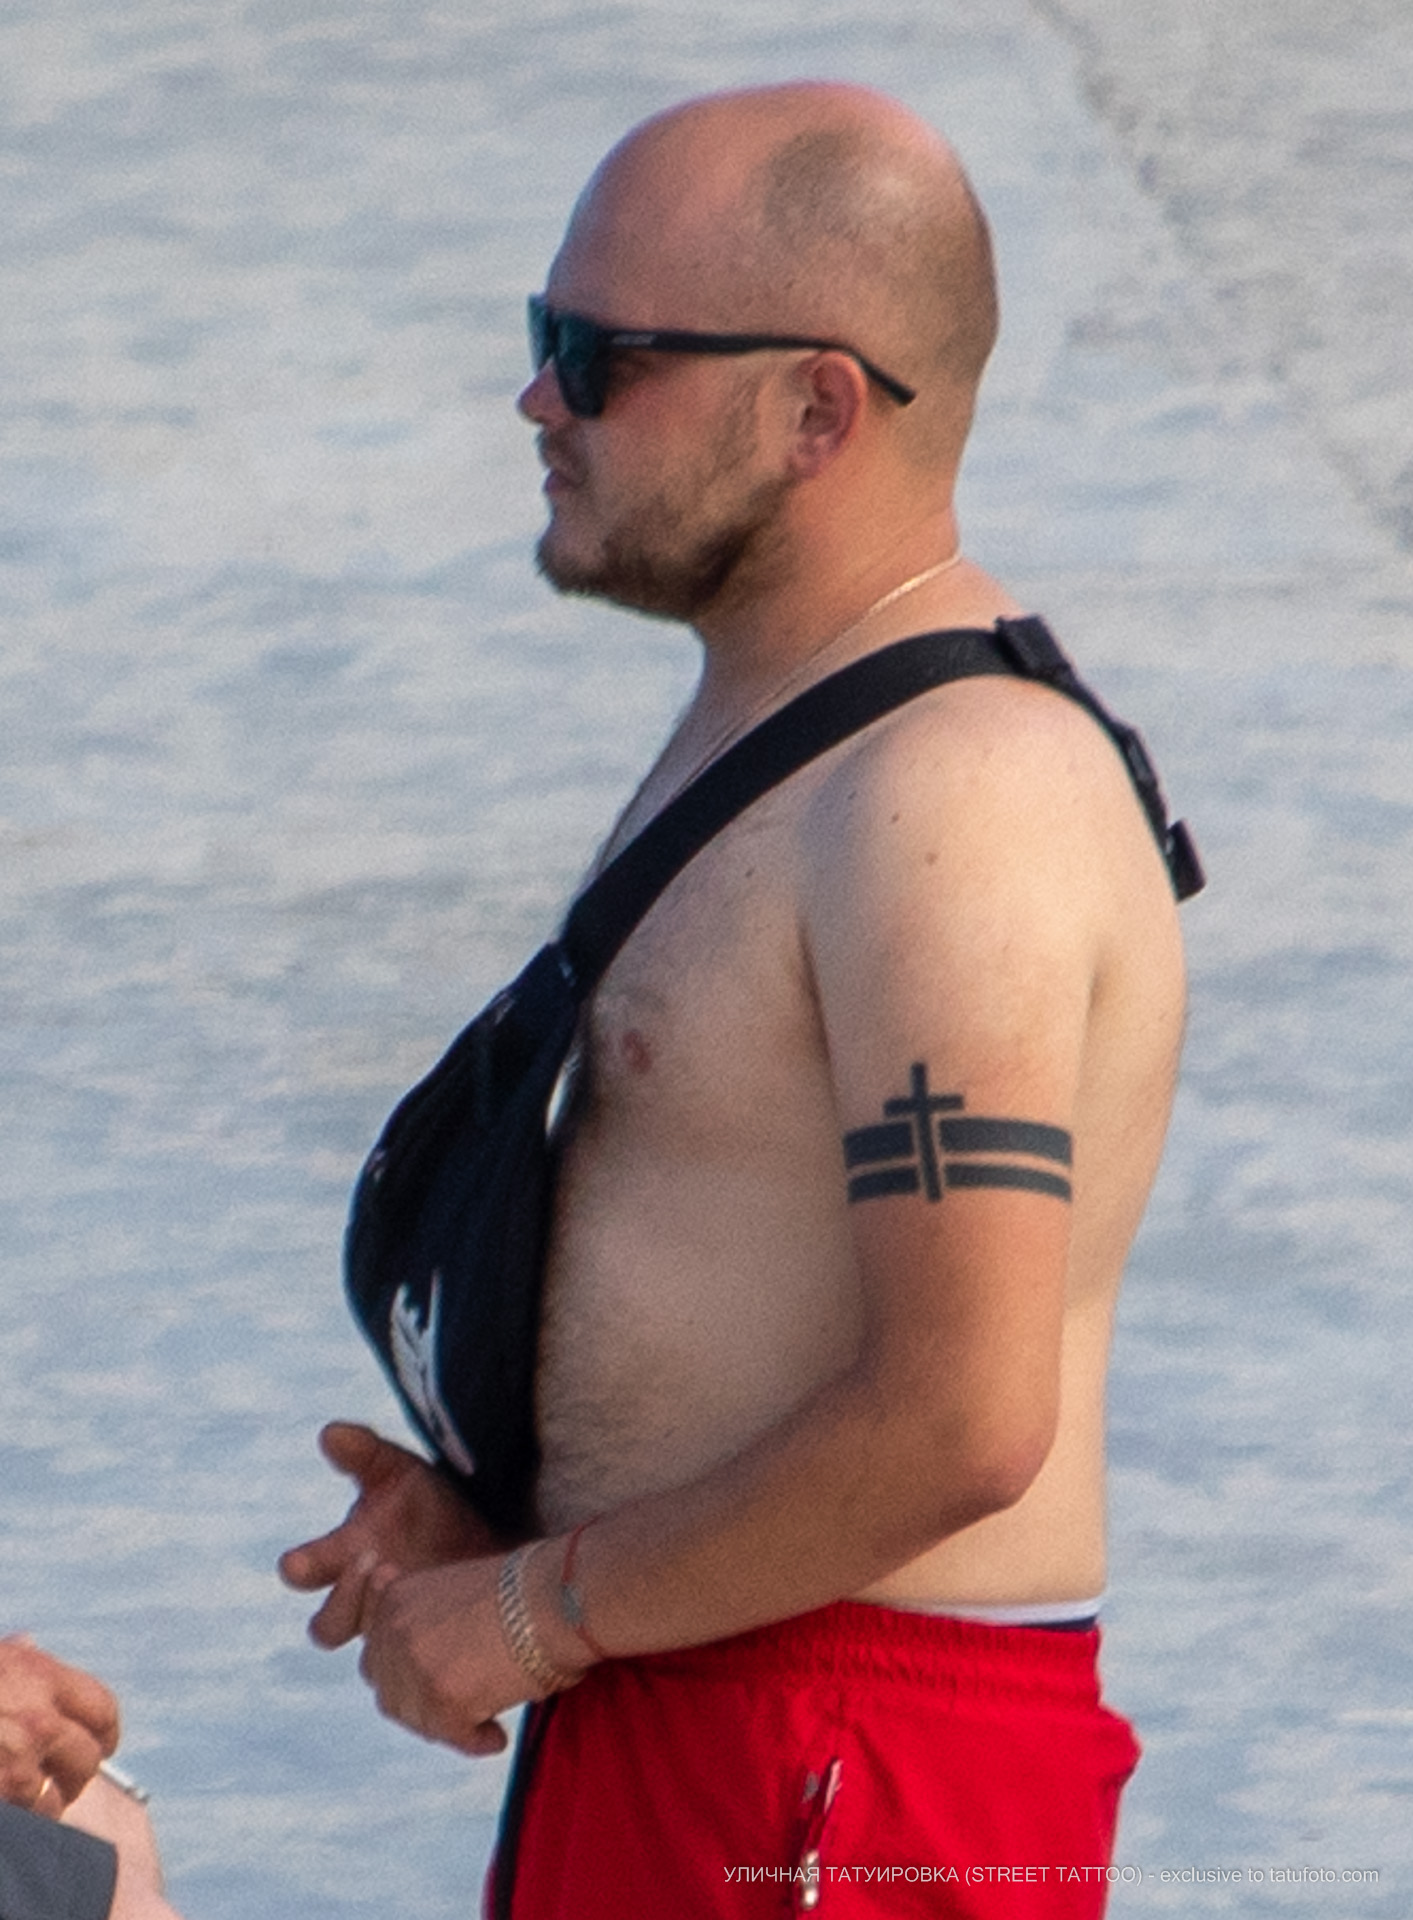 Тату с крестом и линиями на руке мужчины браслетом - Уличная татуировка (street tattoo) № 06 – 18.06.2020 – tatufoto.com 2